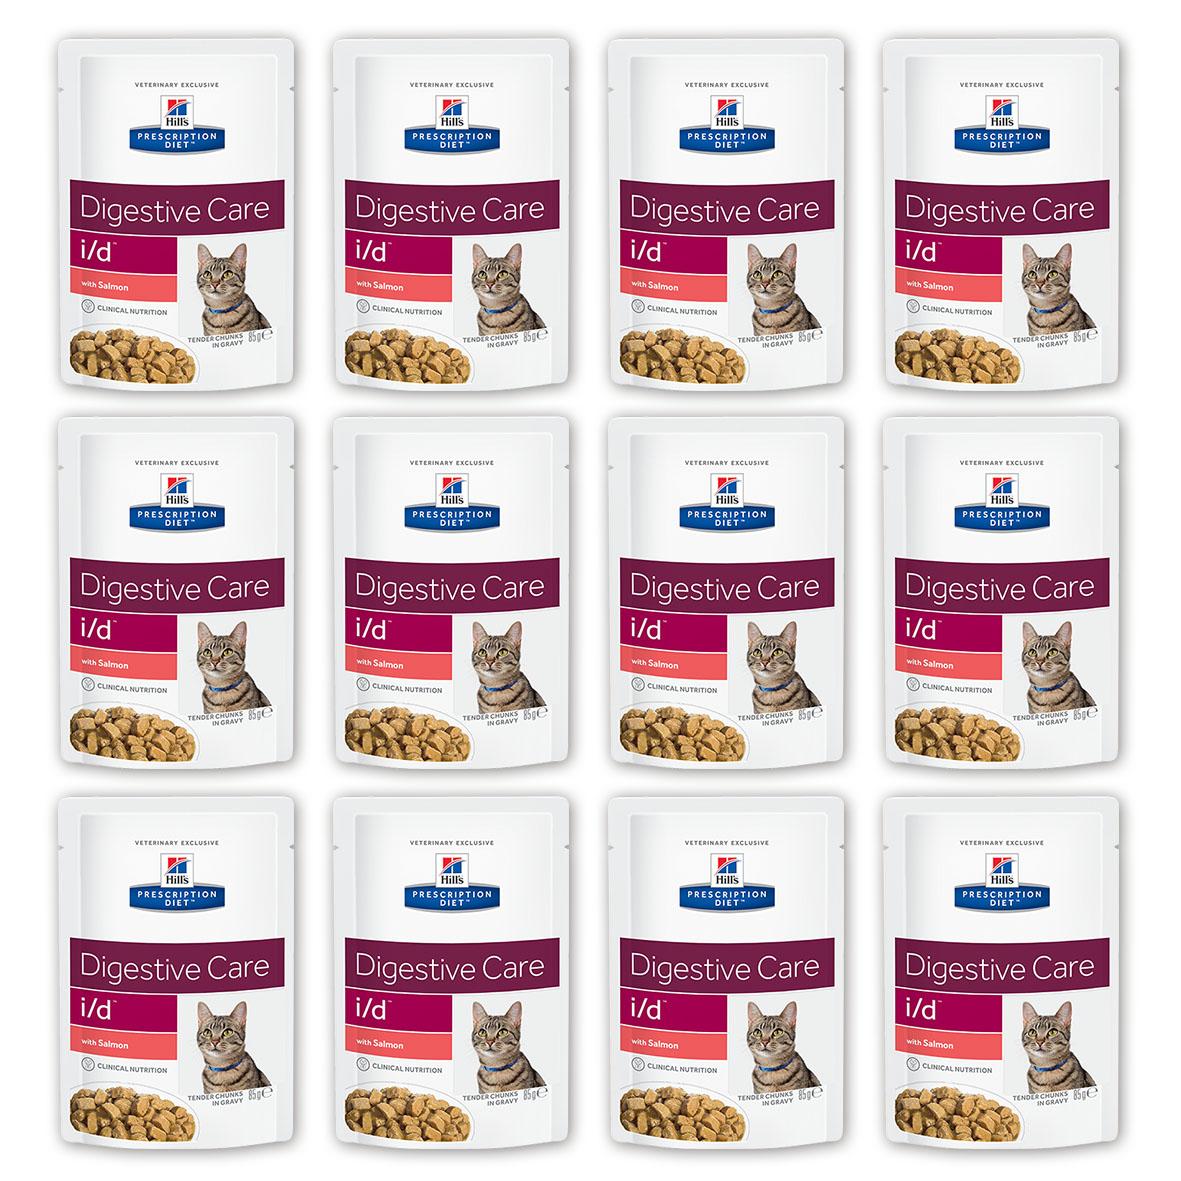 Консервы Hills Prescription Diet. I/D для кошек с заболеваниями ЖКТ, с лососем, 85 г, 12 шт3409_12Консервы Hills Prescription Diet. I/D рекомендуются: - При заболеваниях желудочно-кишечного тракта: гастрите, энтерите, колите (наиболее распространенные причины диареи). - Для восстановления после хирургической операции на желудочно-кишечном тракте. - При недостаточности экзокринной функции поджелудочной железы. - При панкреатите без гиперлипидемии. - Для восстановления после легких хирургических процедур и состояний, незначительно ослабляющих организм. - Для котят в качестве повседневного питания. Обеспечивает полноценное сбалансированное питание котятам (в течение короткого периода) и взрослым кошкам. Не рекомендуется кошкам с задержкой натрия в организме. Ключевые преимущества: - Высокая перевариваемость продукта улучшает всасывание нутриентов и способствует восстановлению желудочно-кишечного тракта. - Содержание жиров снижено, что помогает уменьшить стеаторею (маслянистый стул). - Повышенное содержание...